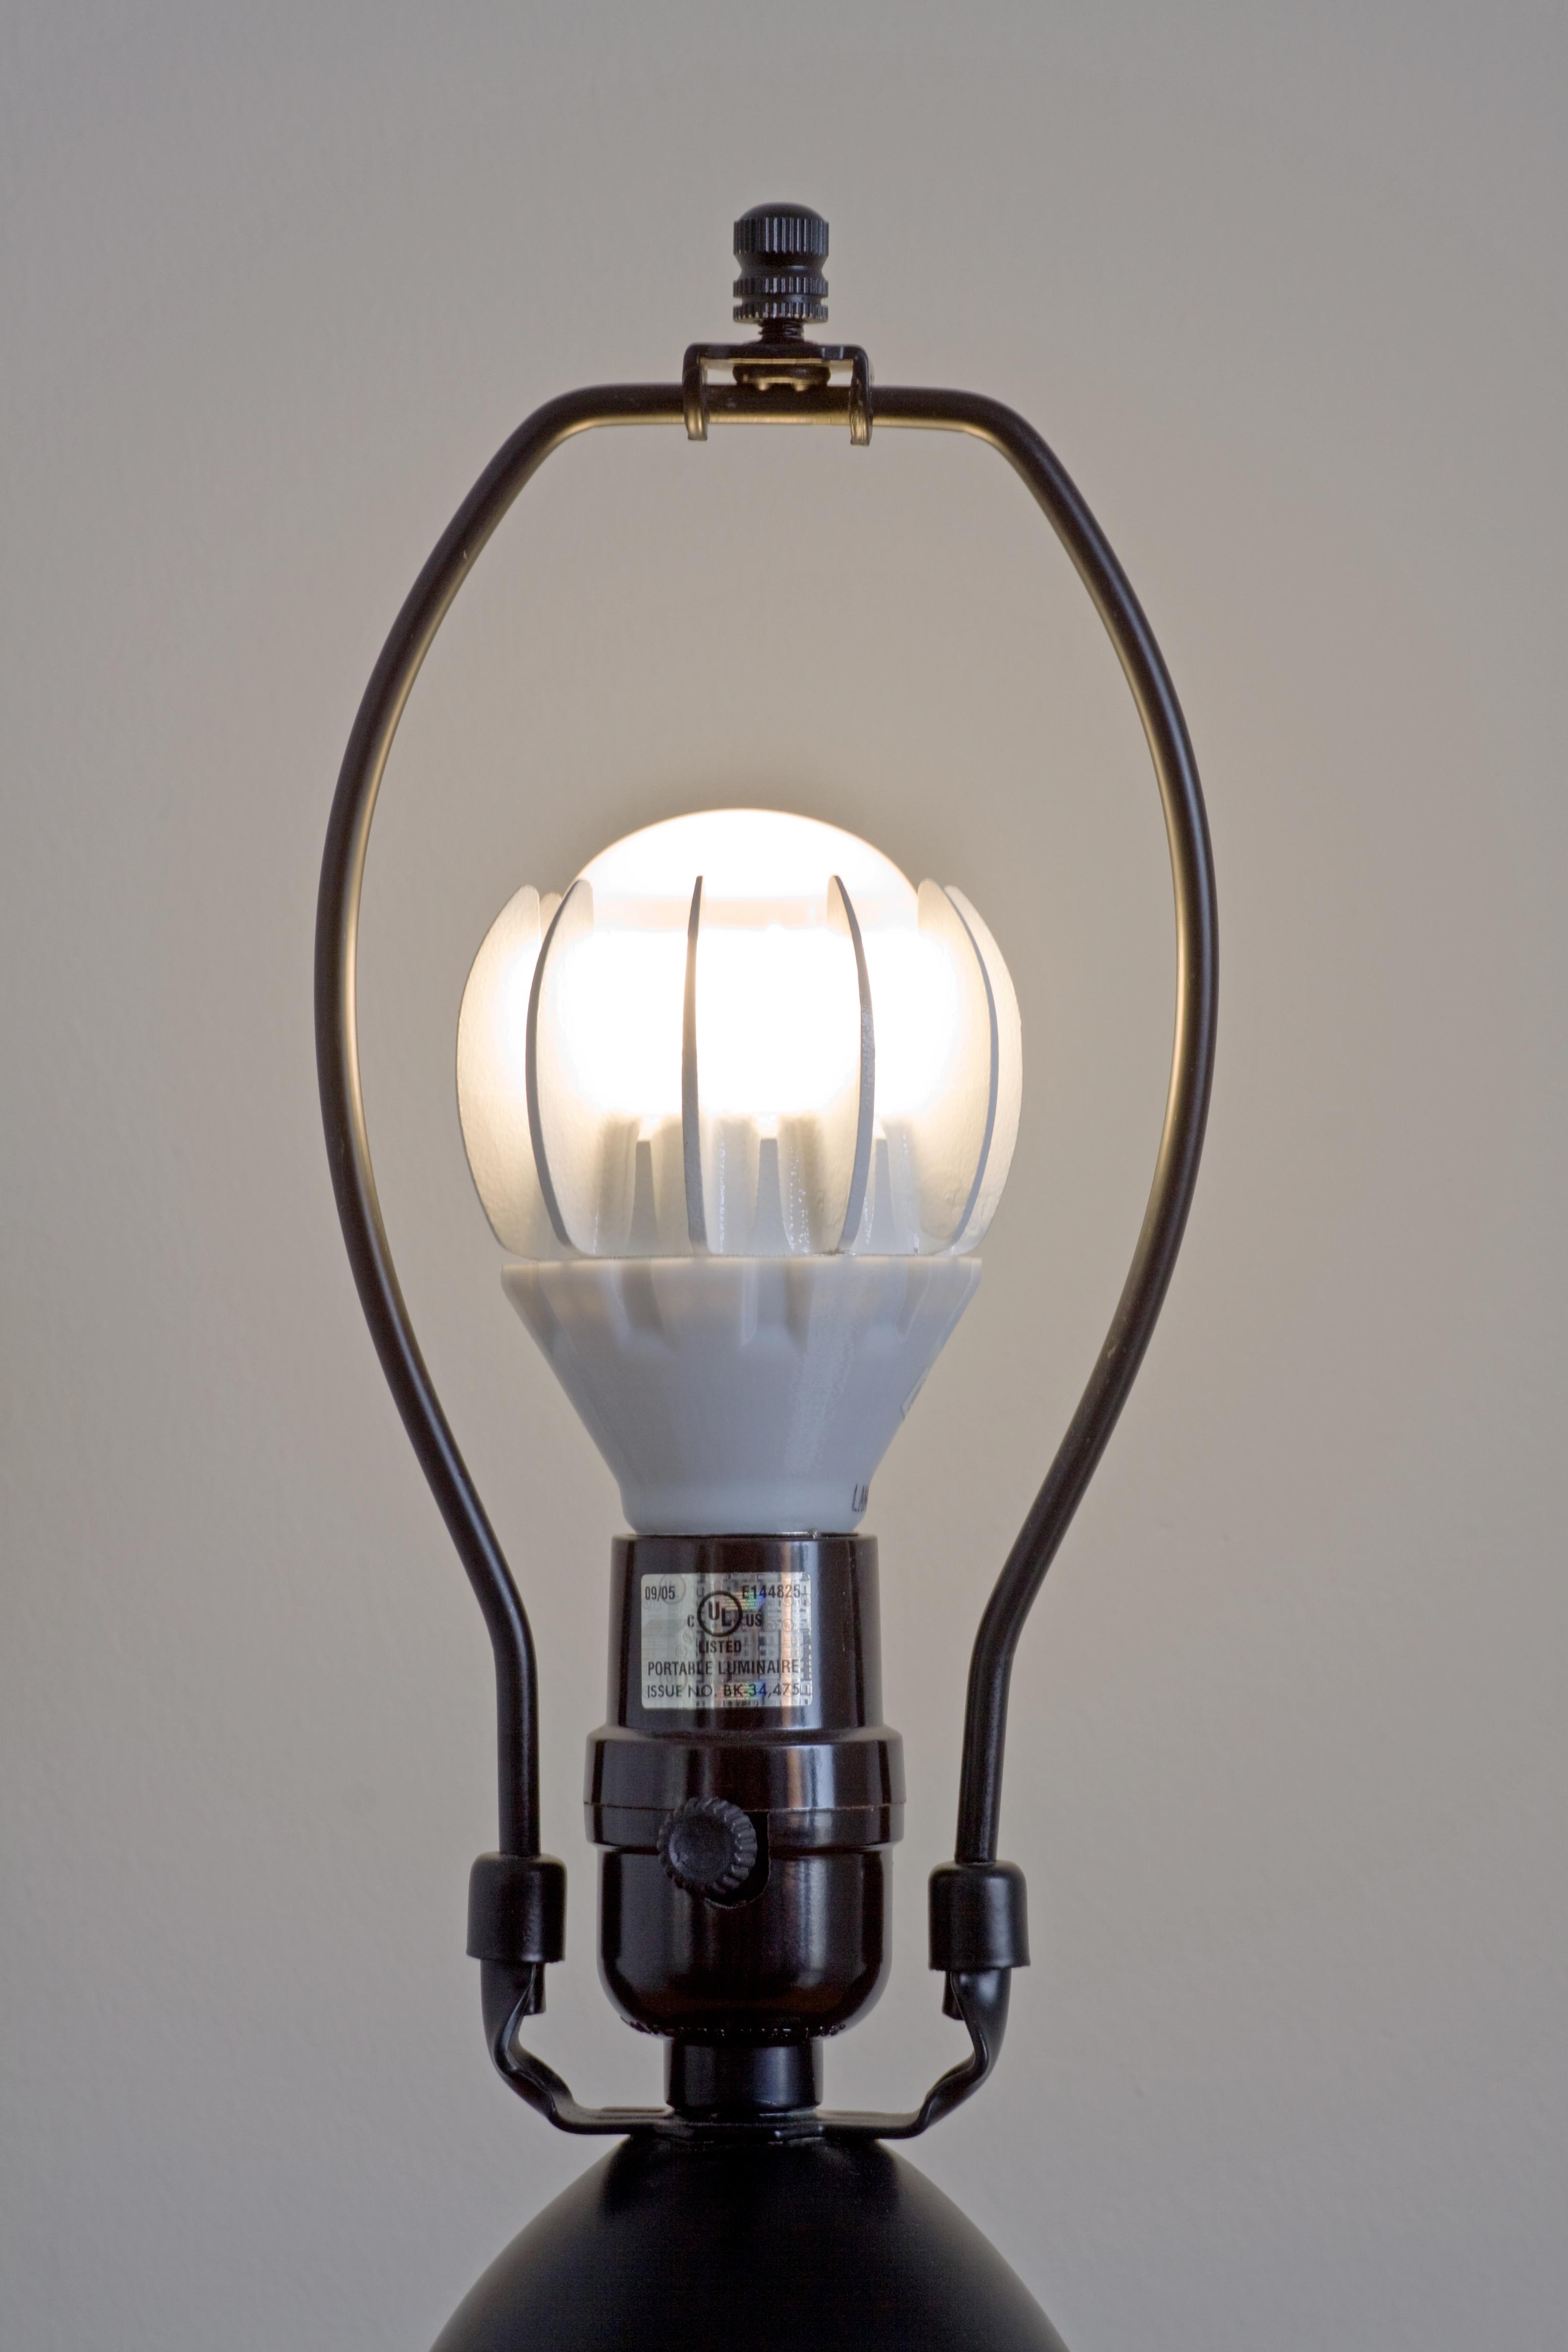 233556_IMG_6471 Spannende Led Lampe 100 Watt Dekorationen